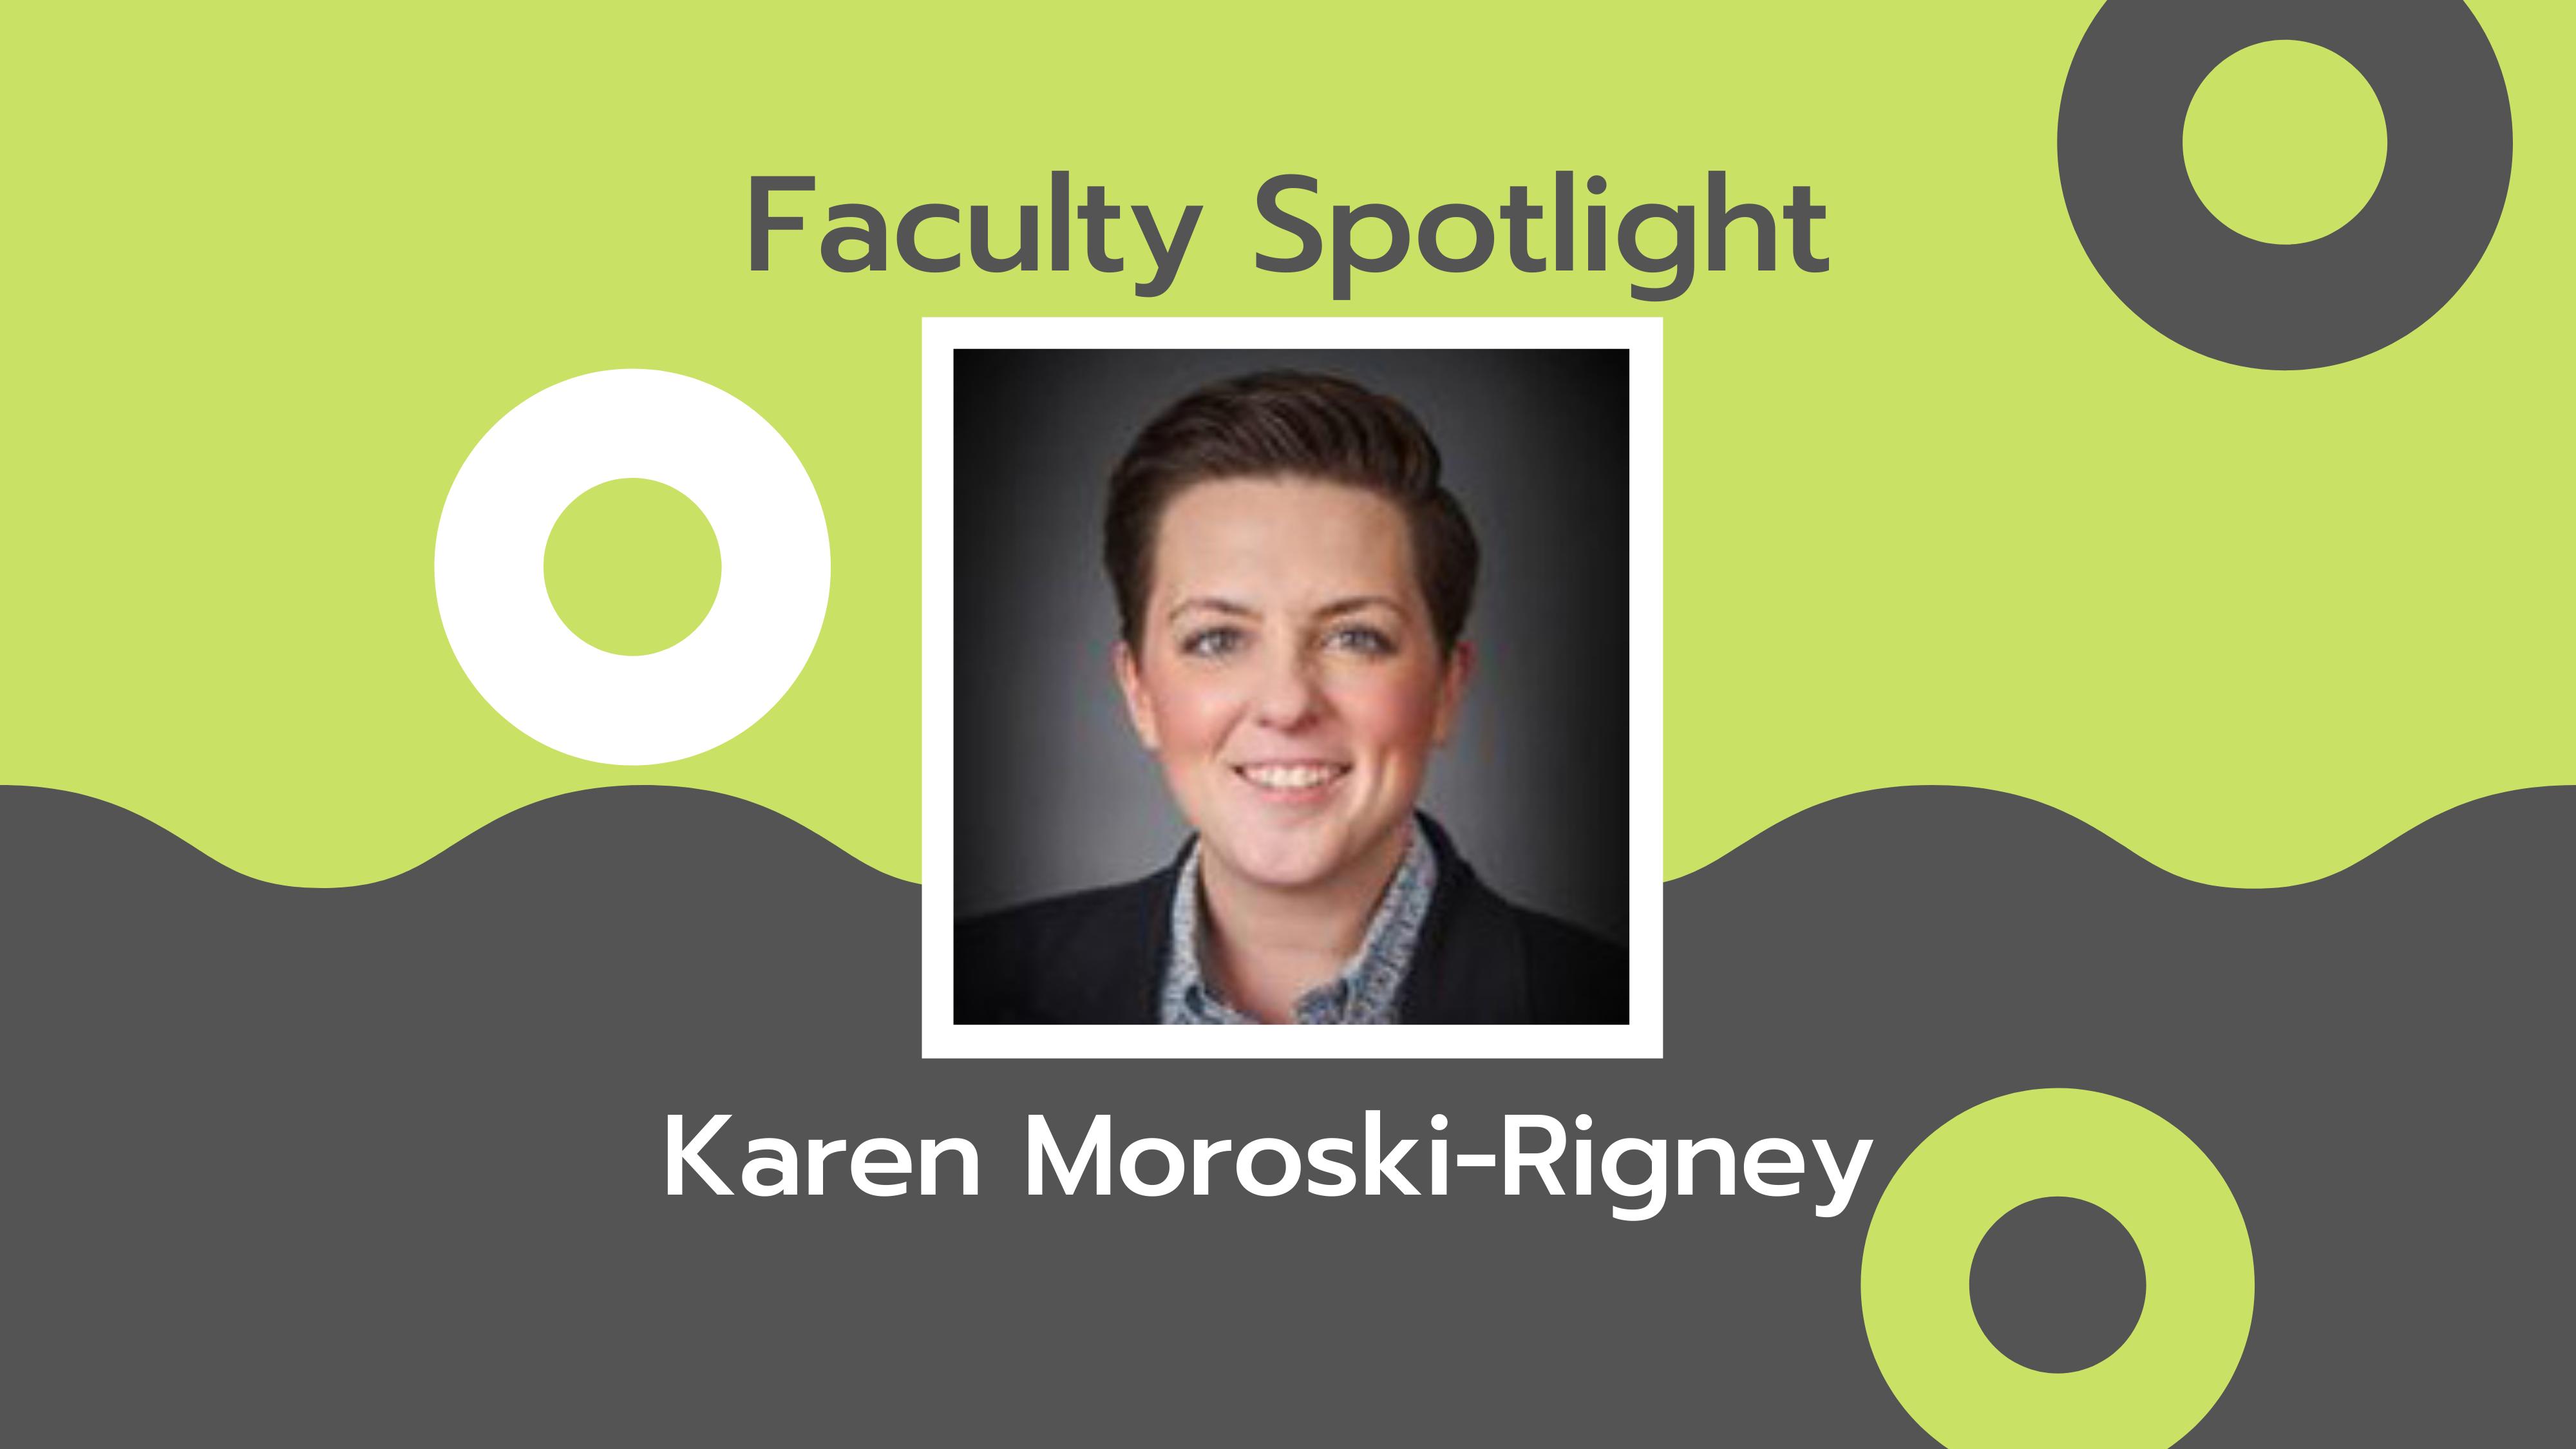 Faculty Spotlight: Karen Moroski-Rigney